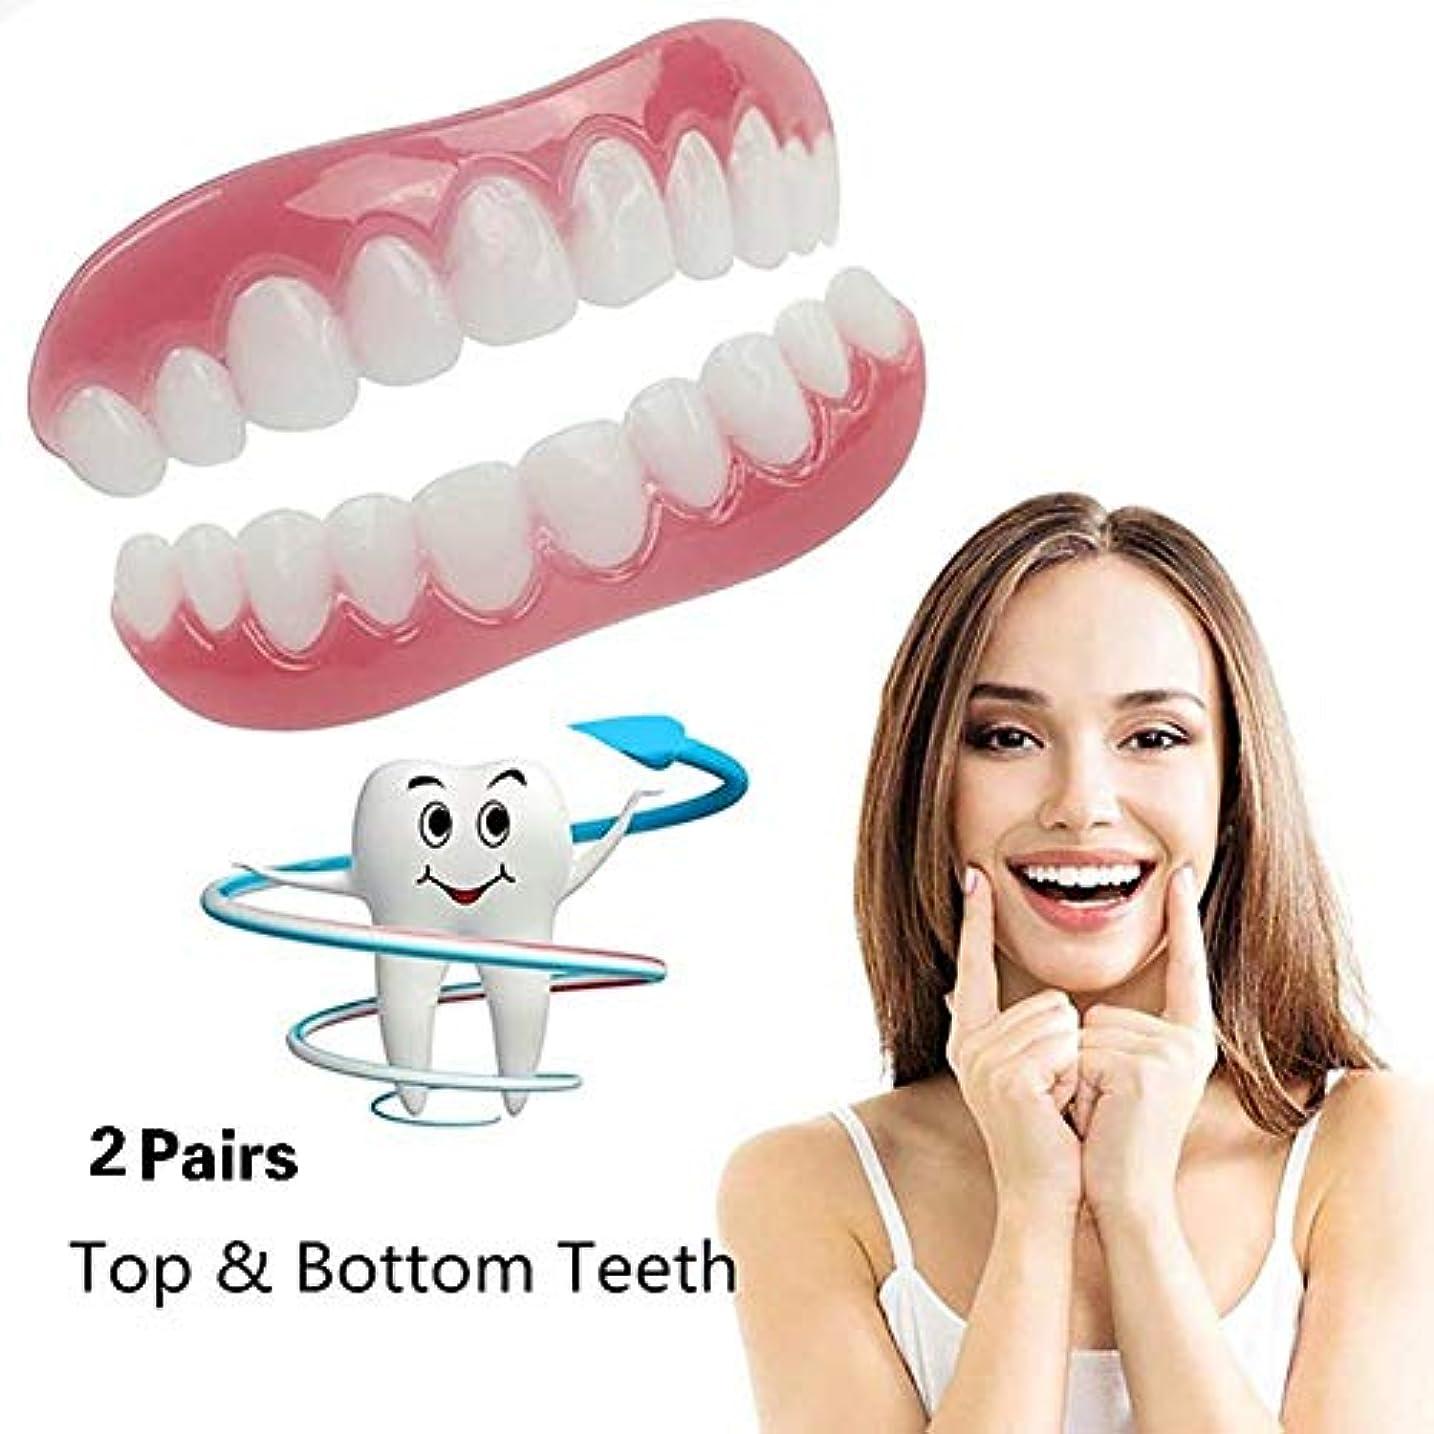 最近取り出す島のシリコーンの歯のベニヤの歯の快適さのフィットフレックス化粧品の歯義歯の歯のトップとボトム化粧品のベニヤのシミュレーションのブレースワンサイズフィットすべて